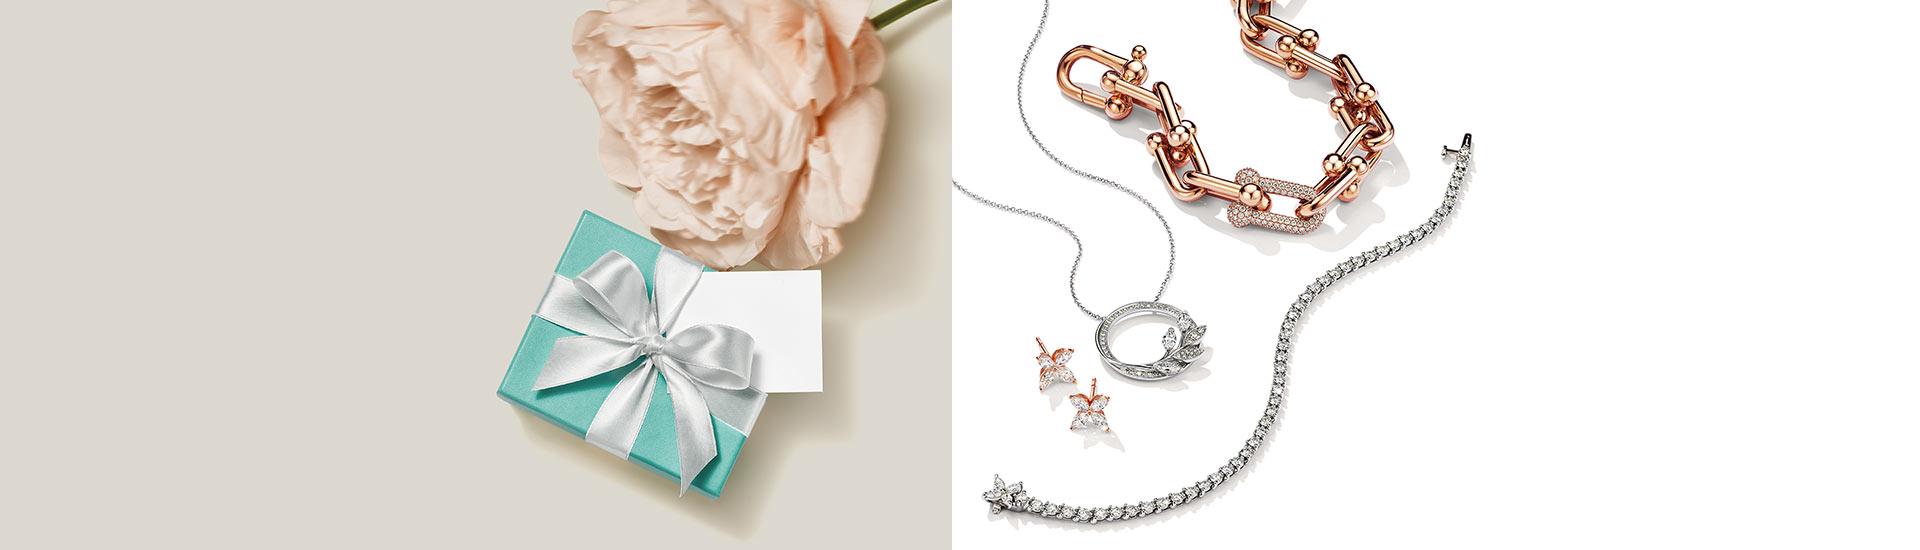 復興館2F Tiffany母親節真摯獻禮 精選臻品為風格女士獻上祝福